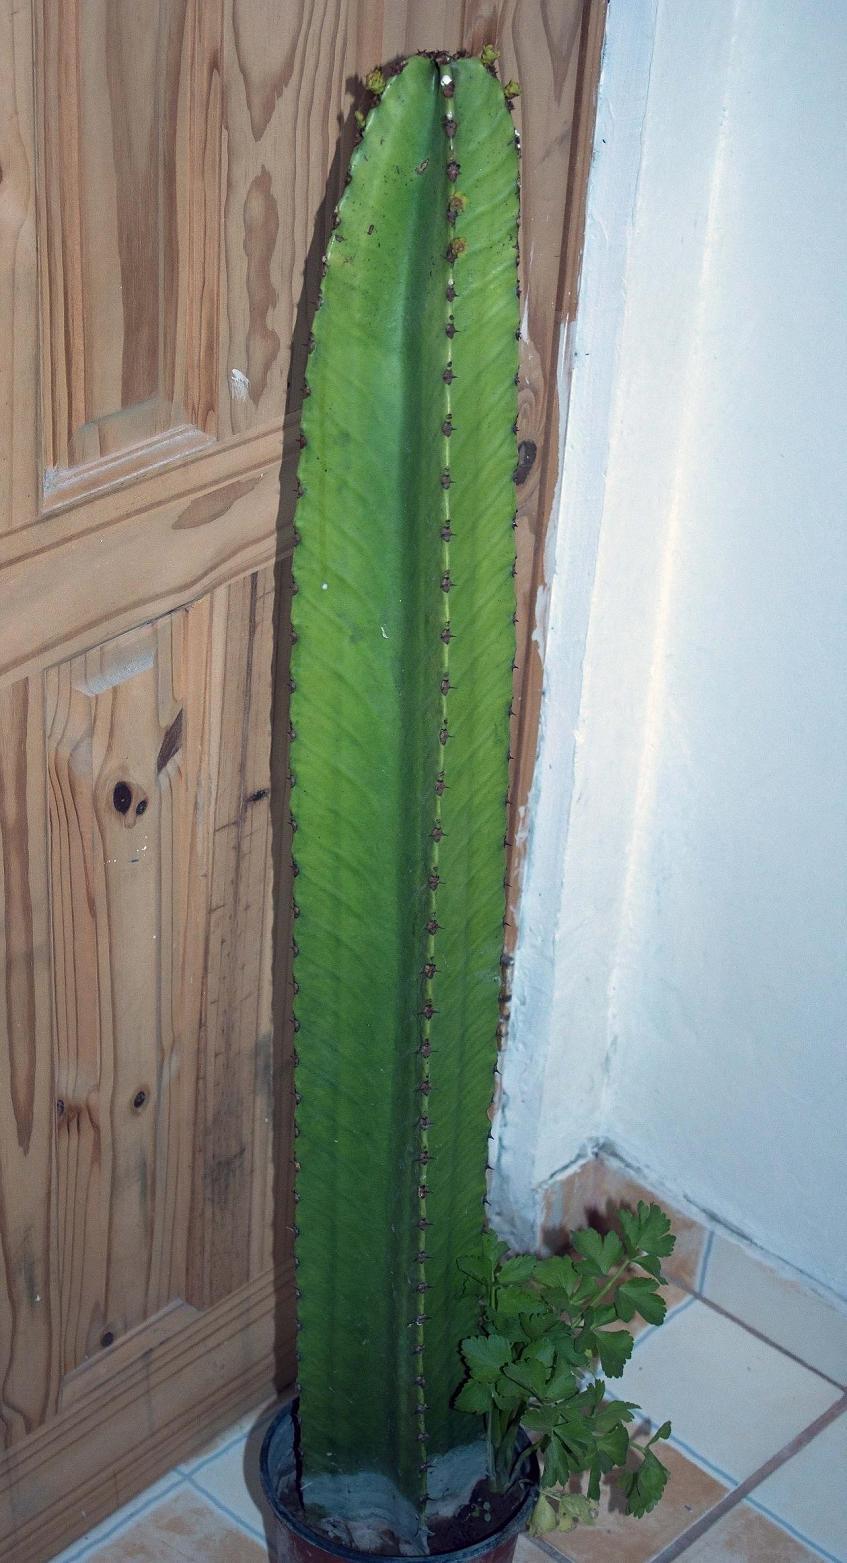 Mis cactus suculentas y demas mis inicios con los cactus for Cactus y suculentas